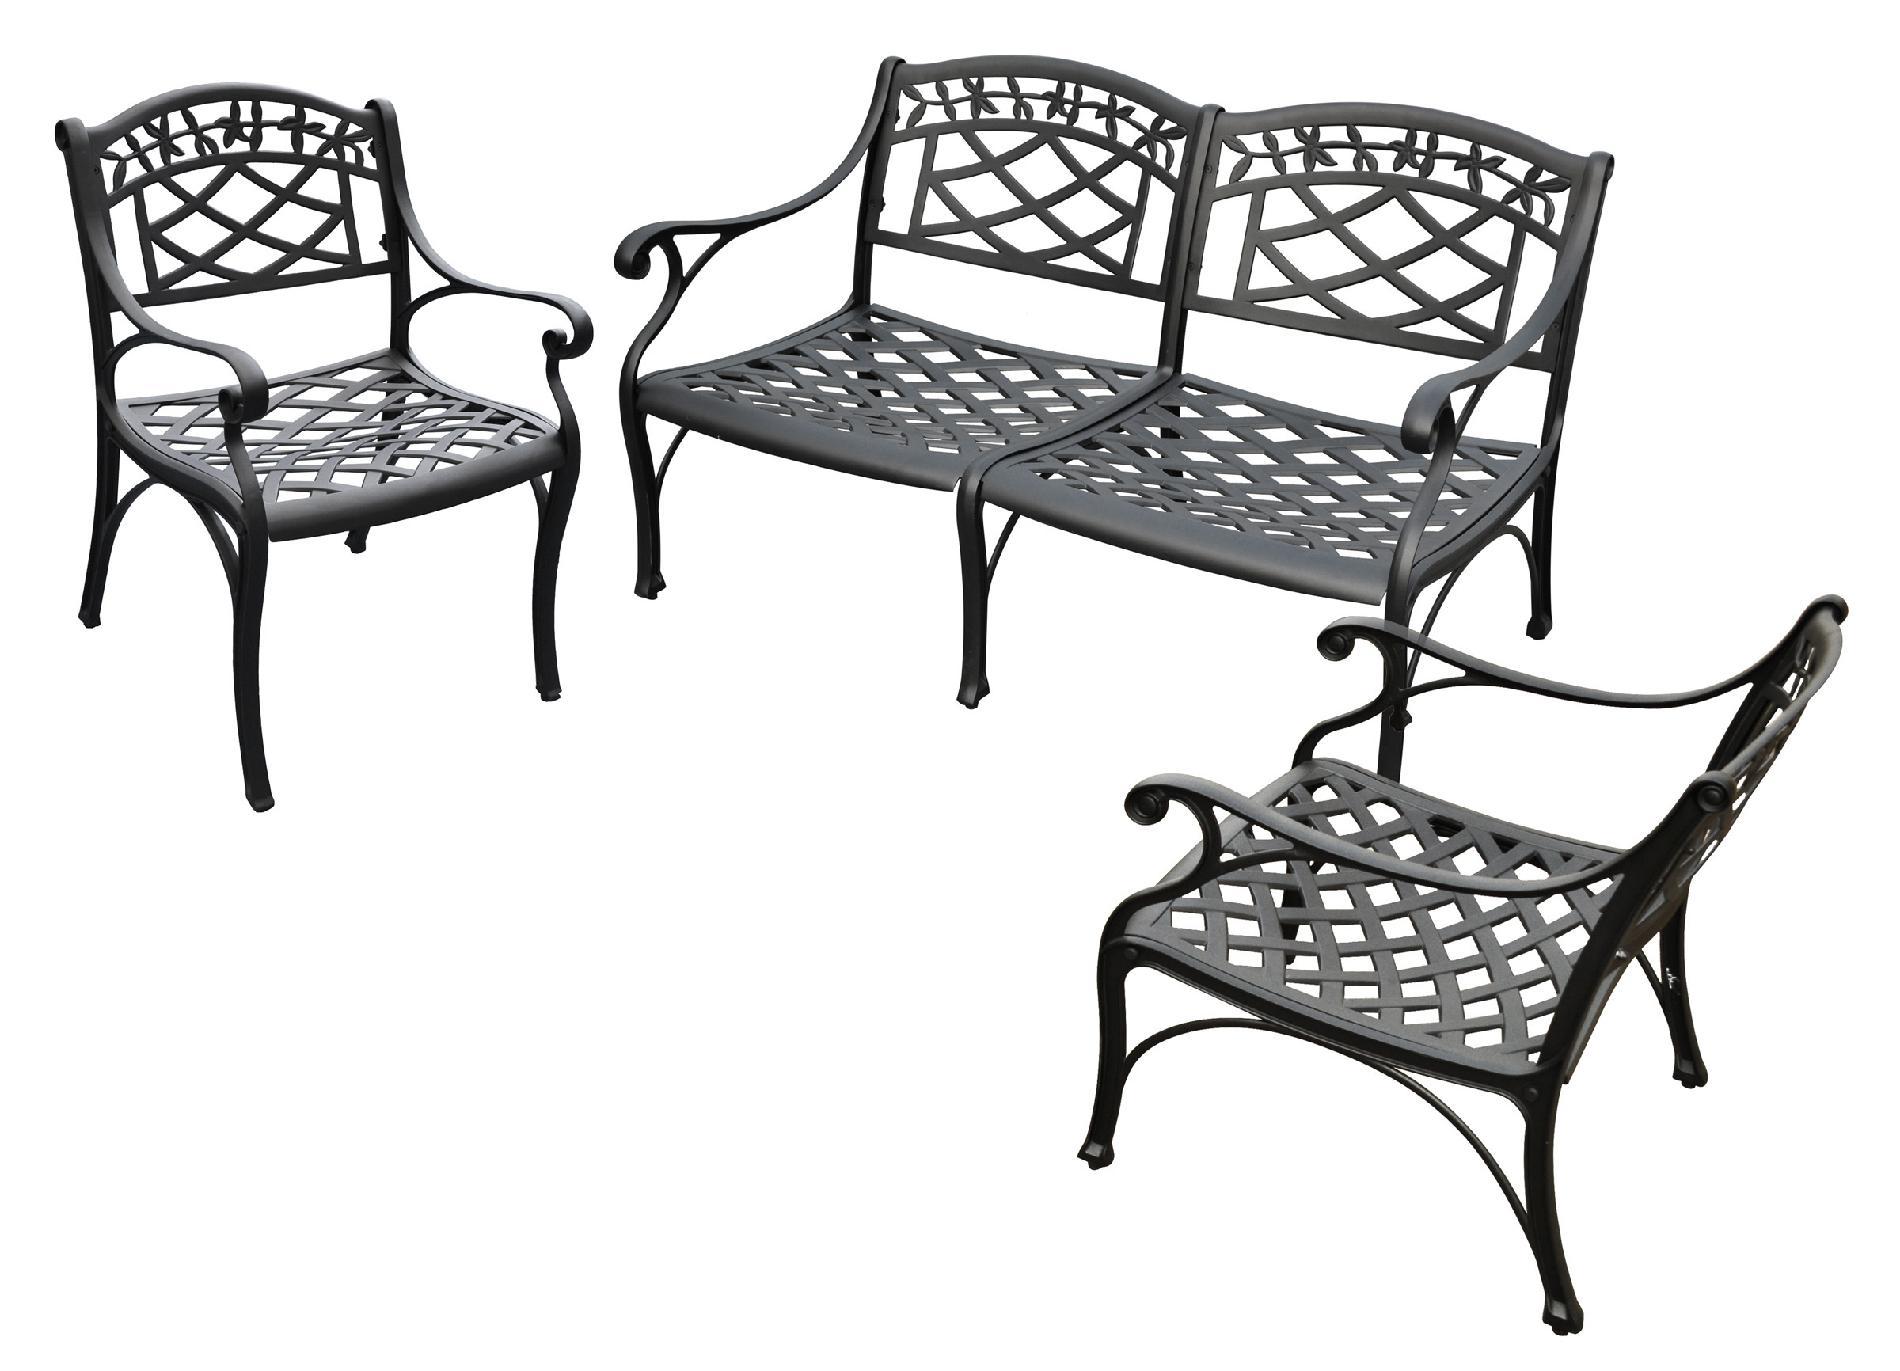 Cast Aluminum Powder Coated Outdoor Furniture